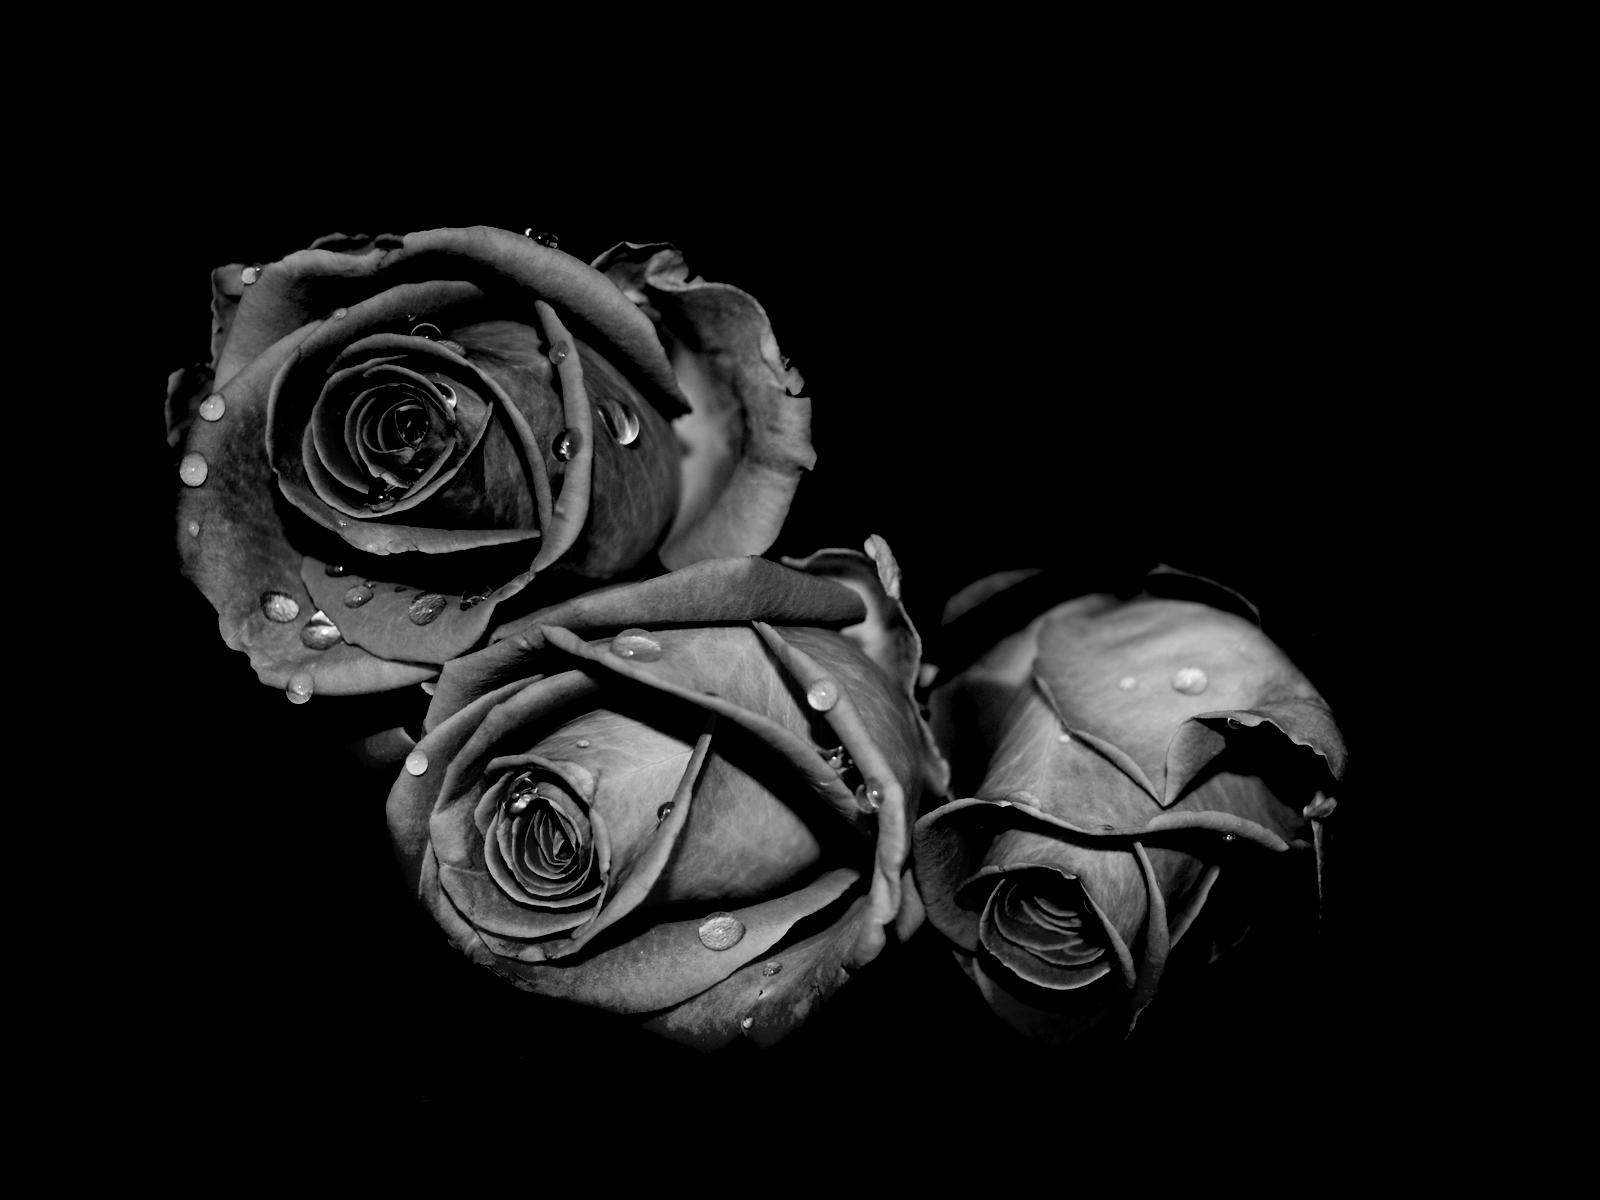 Hình ảnh Hoa hồng đen - ý nghĩa hoa hồng đen